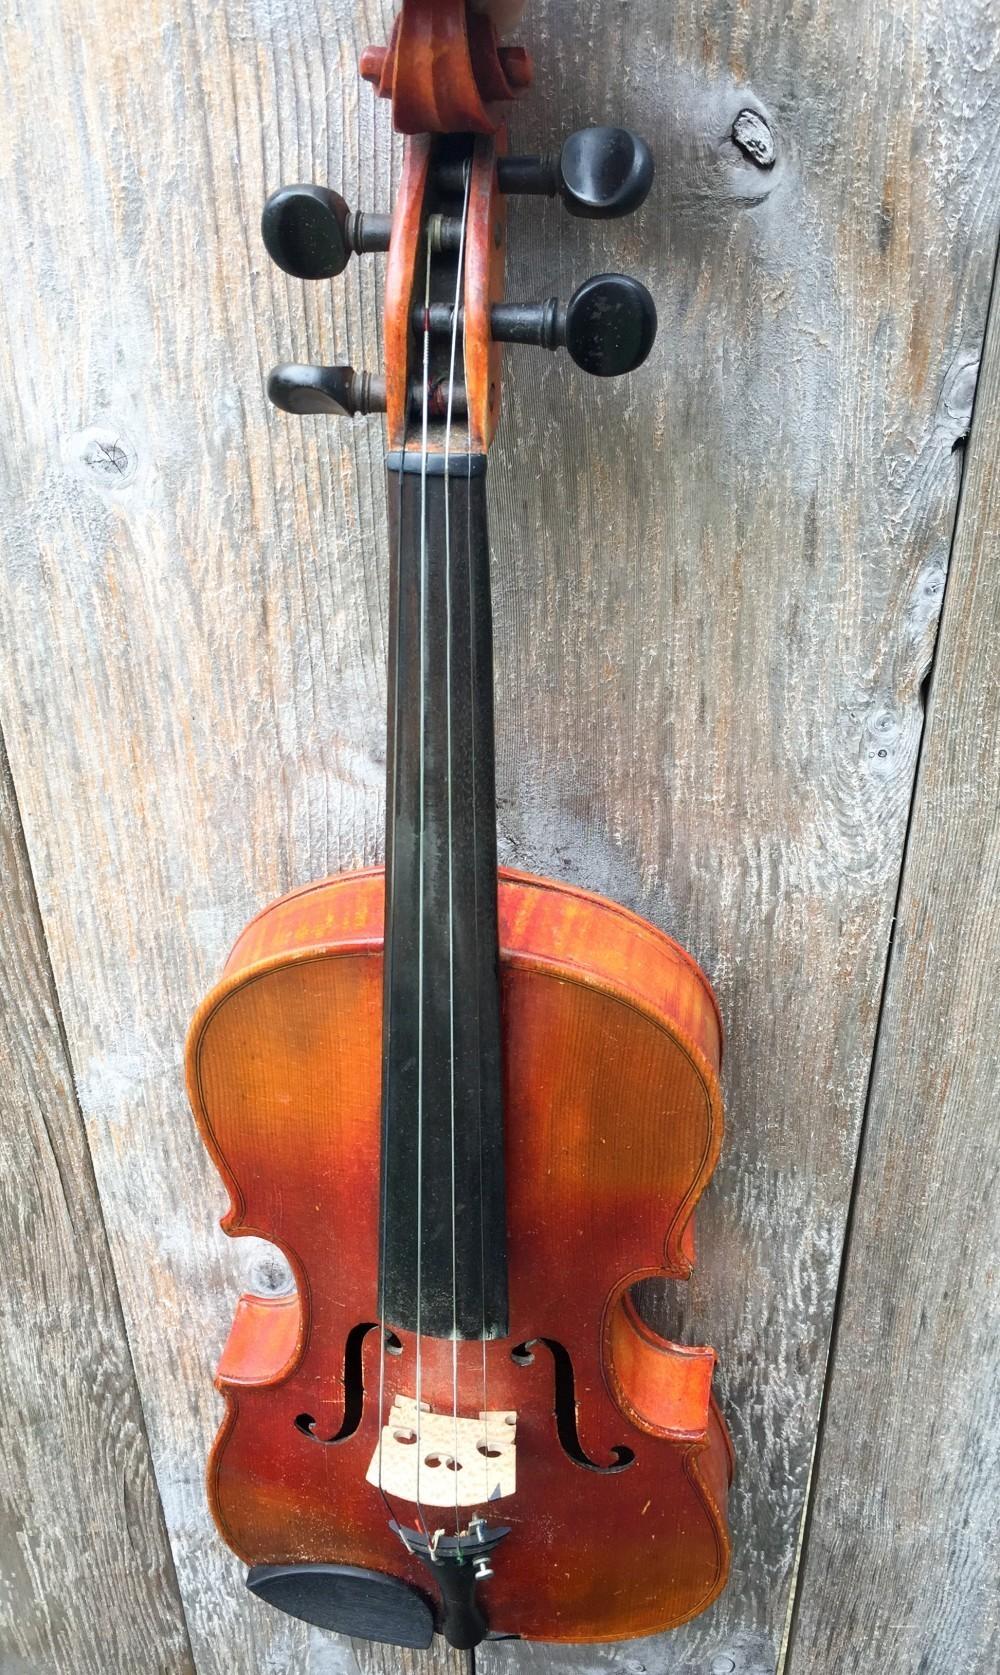 A fiddle